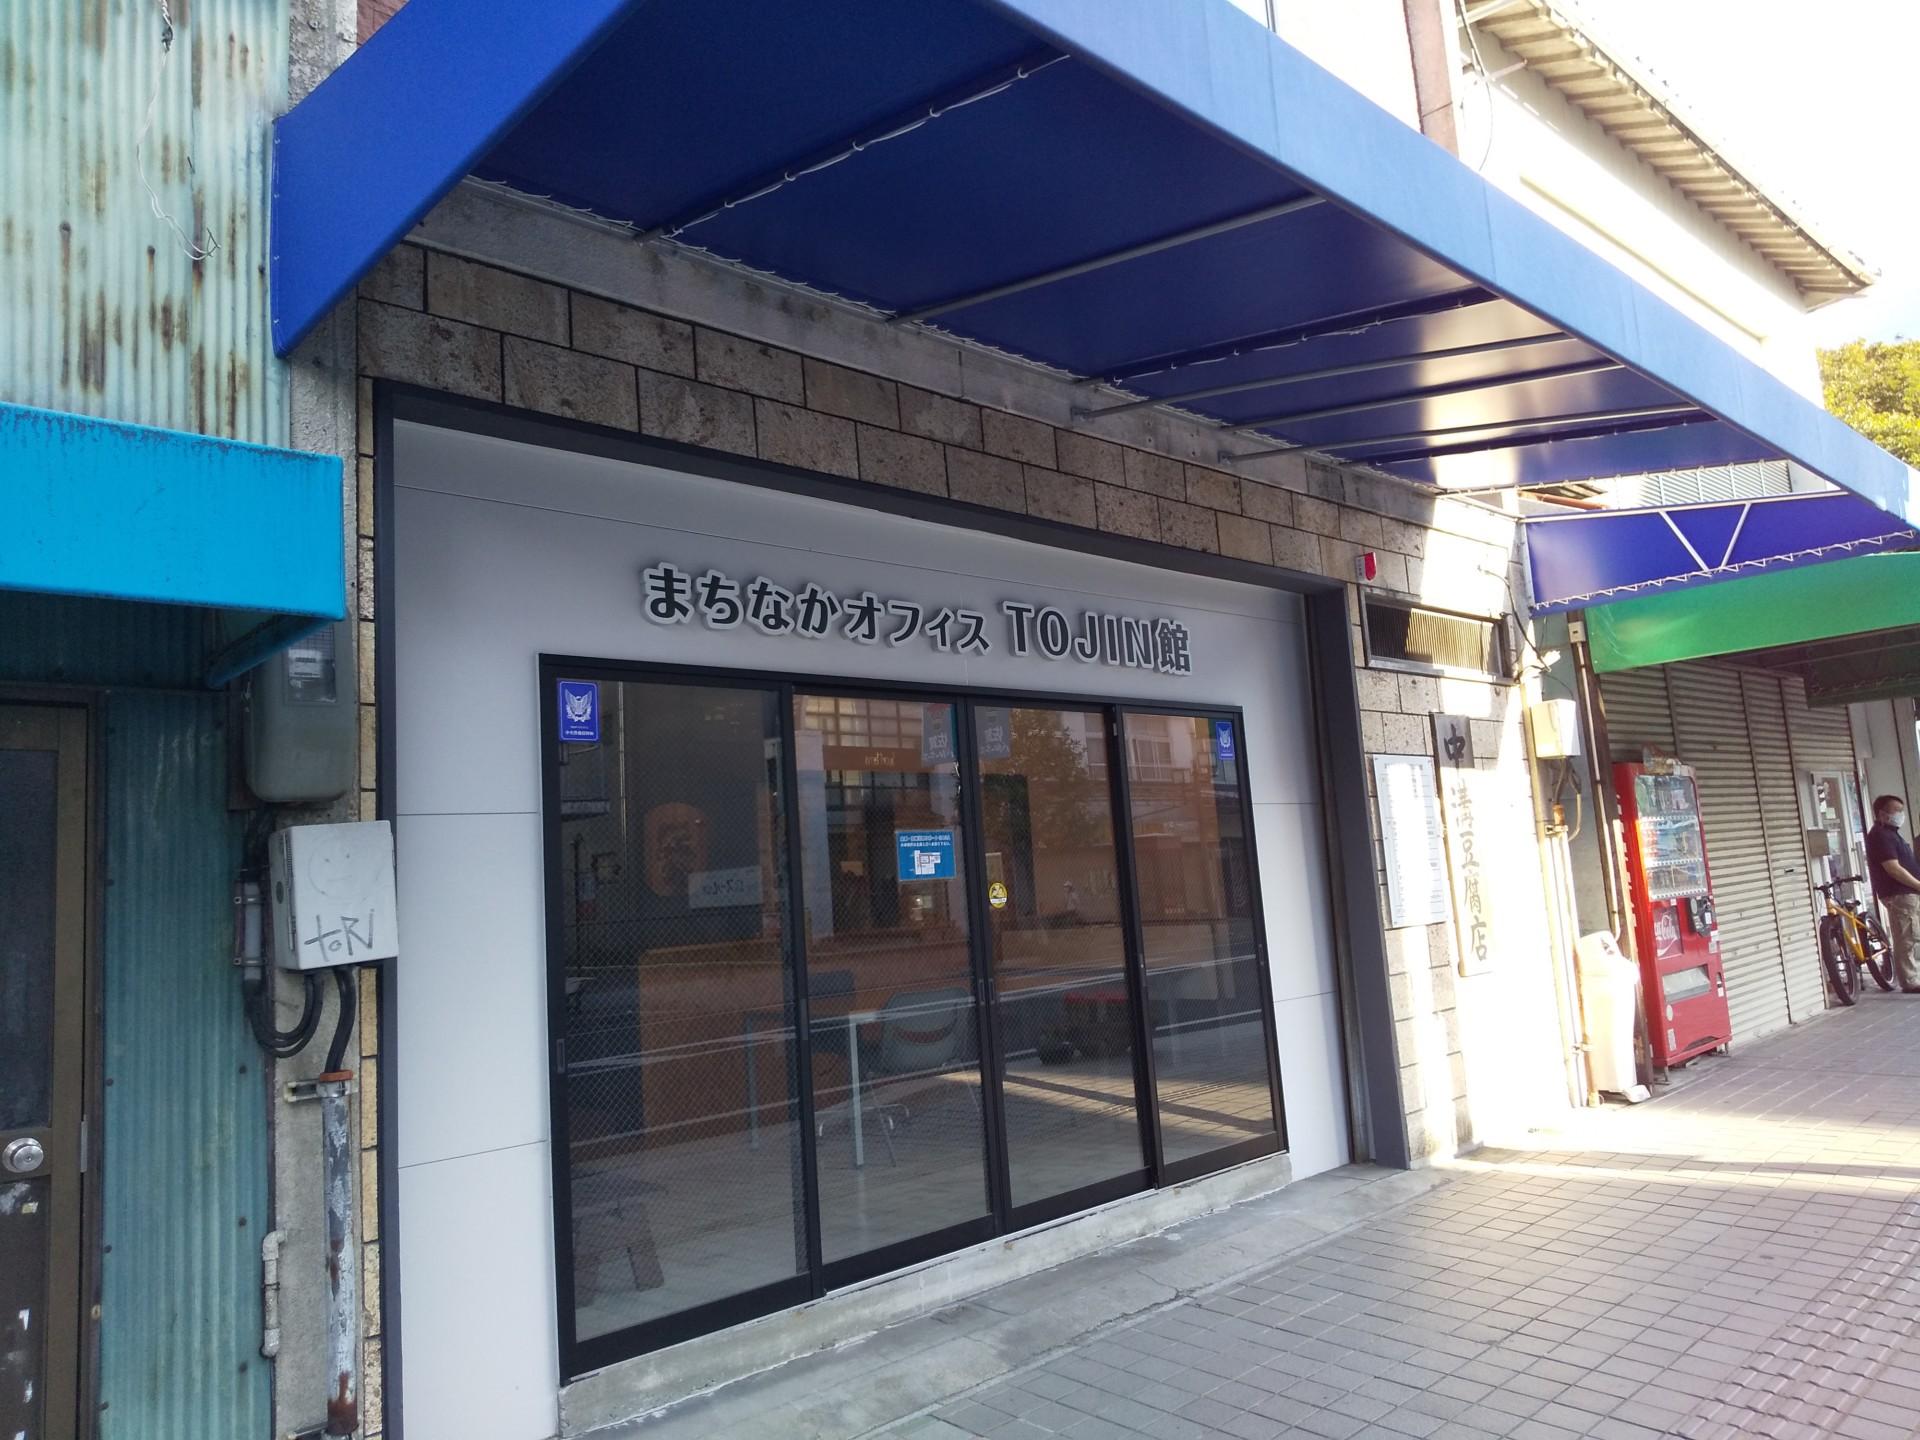 唐人町にある「まちなかオフィスTOJIN館」